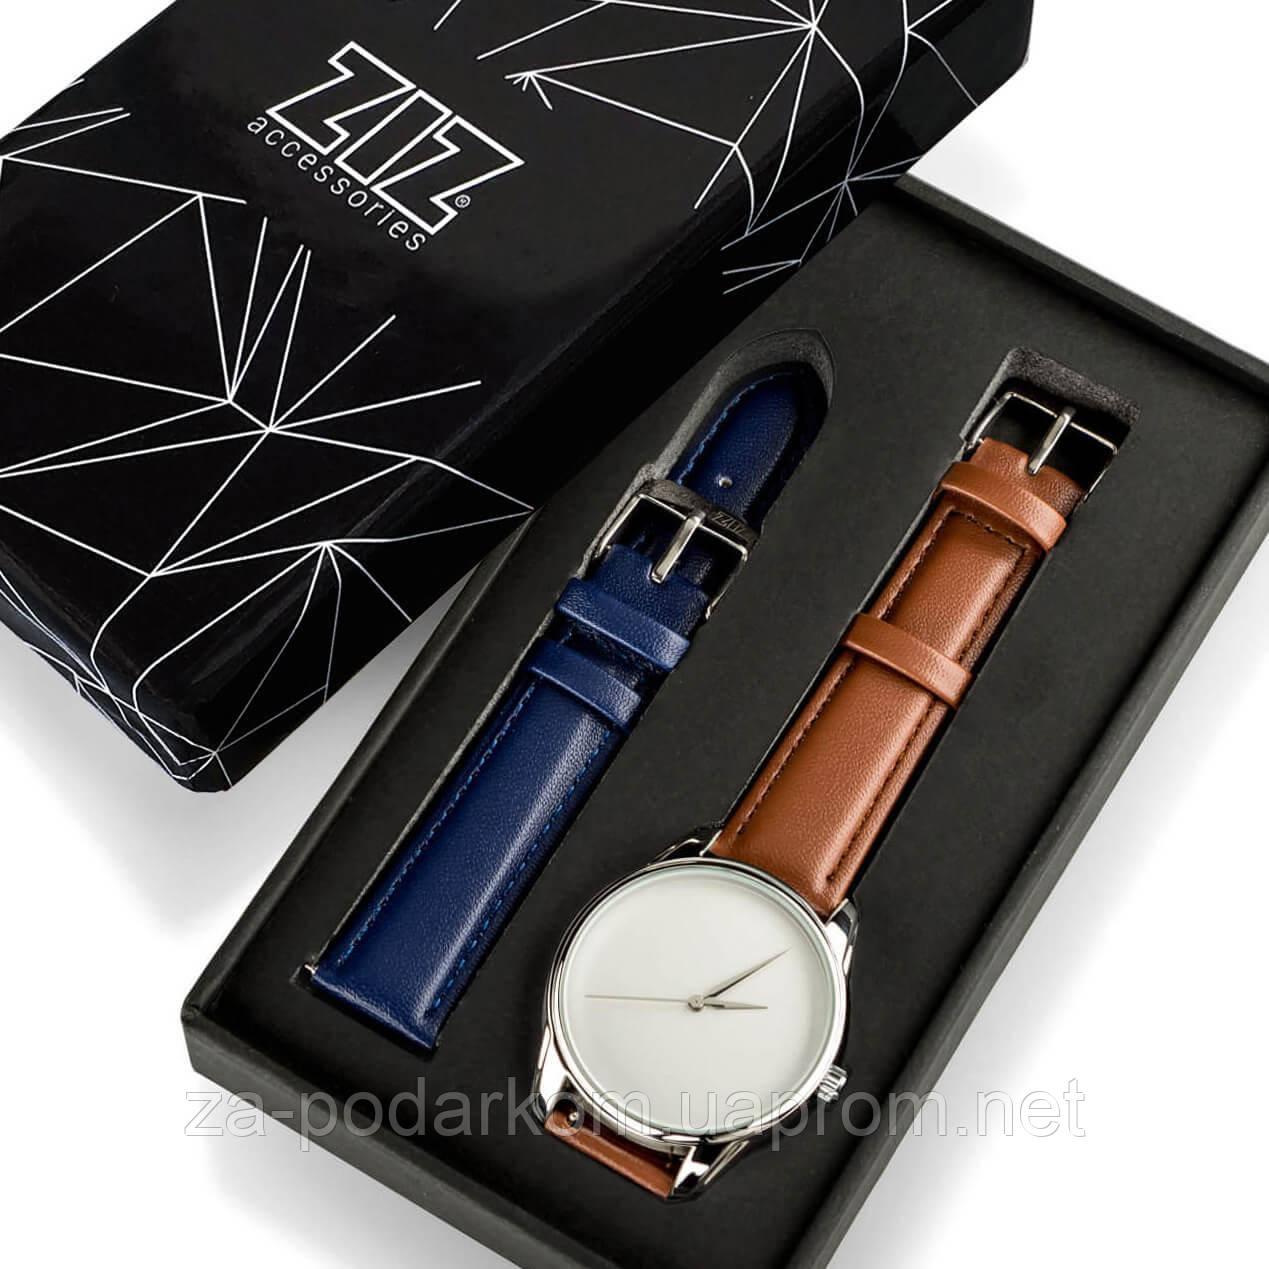 """Годинник """"Кавово-шоколадний мінімалізм"""" подарунок жінці, чоловікові"""